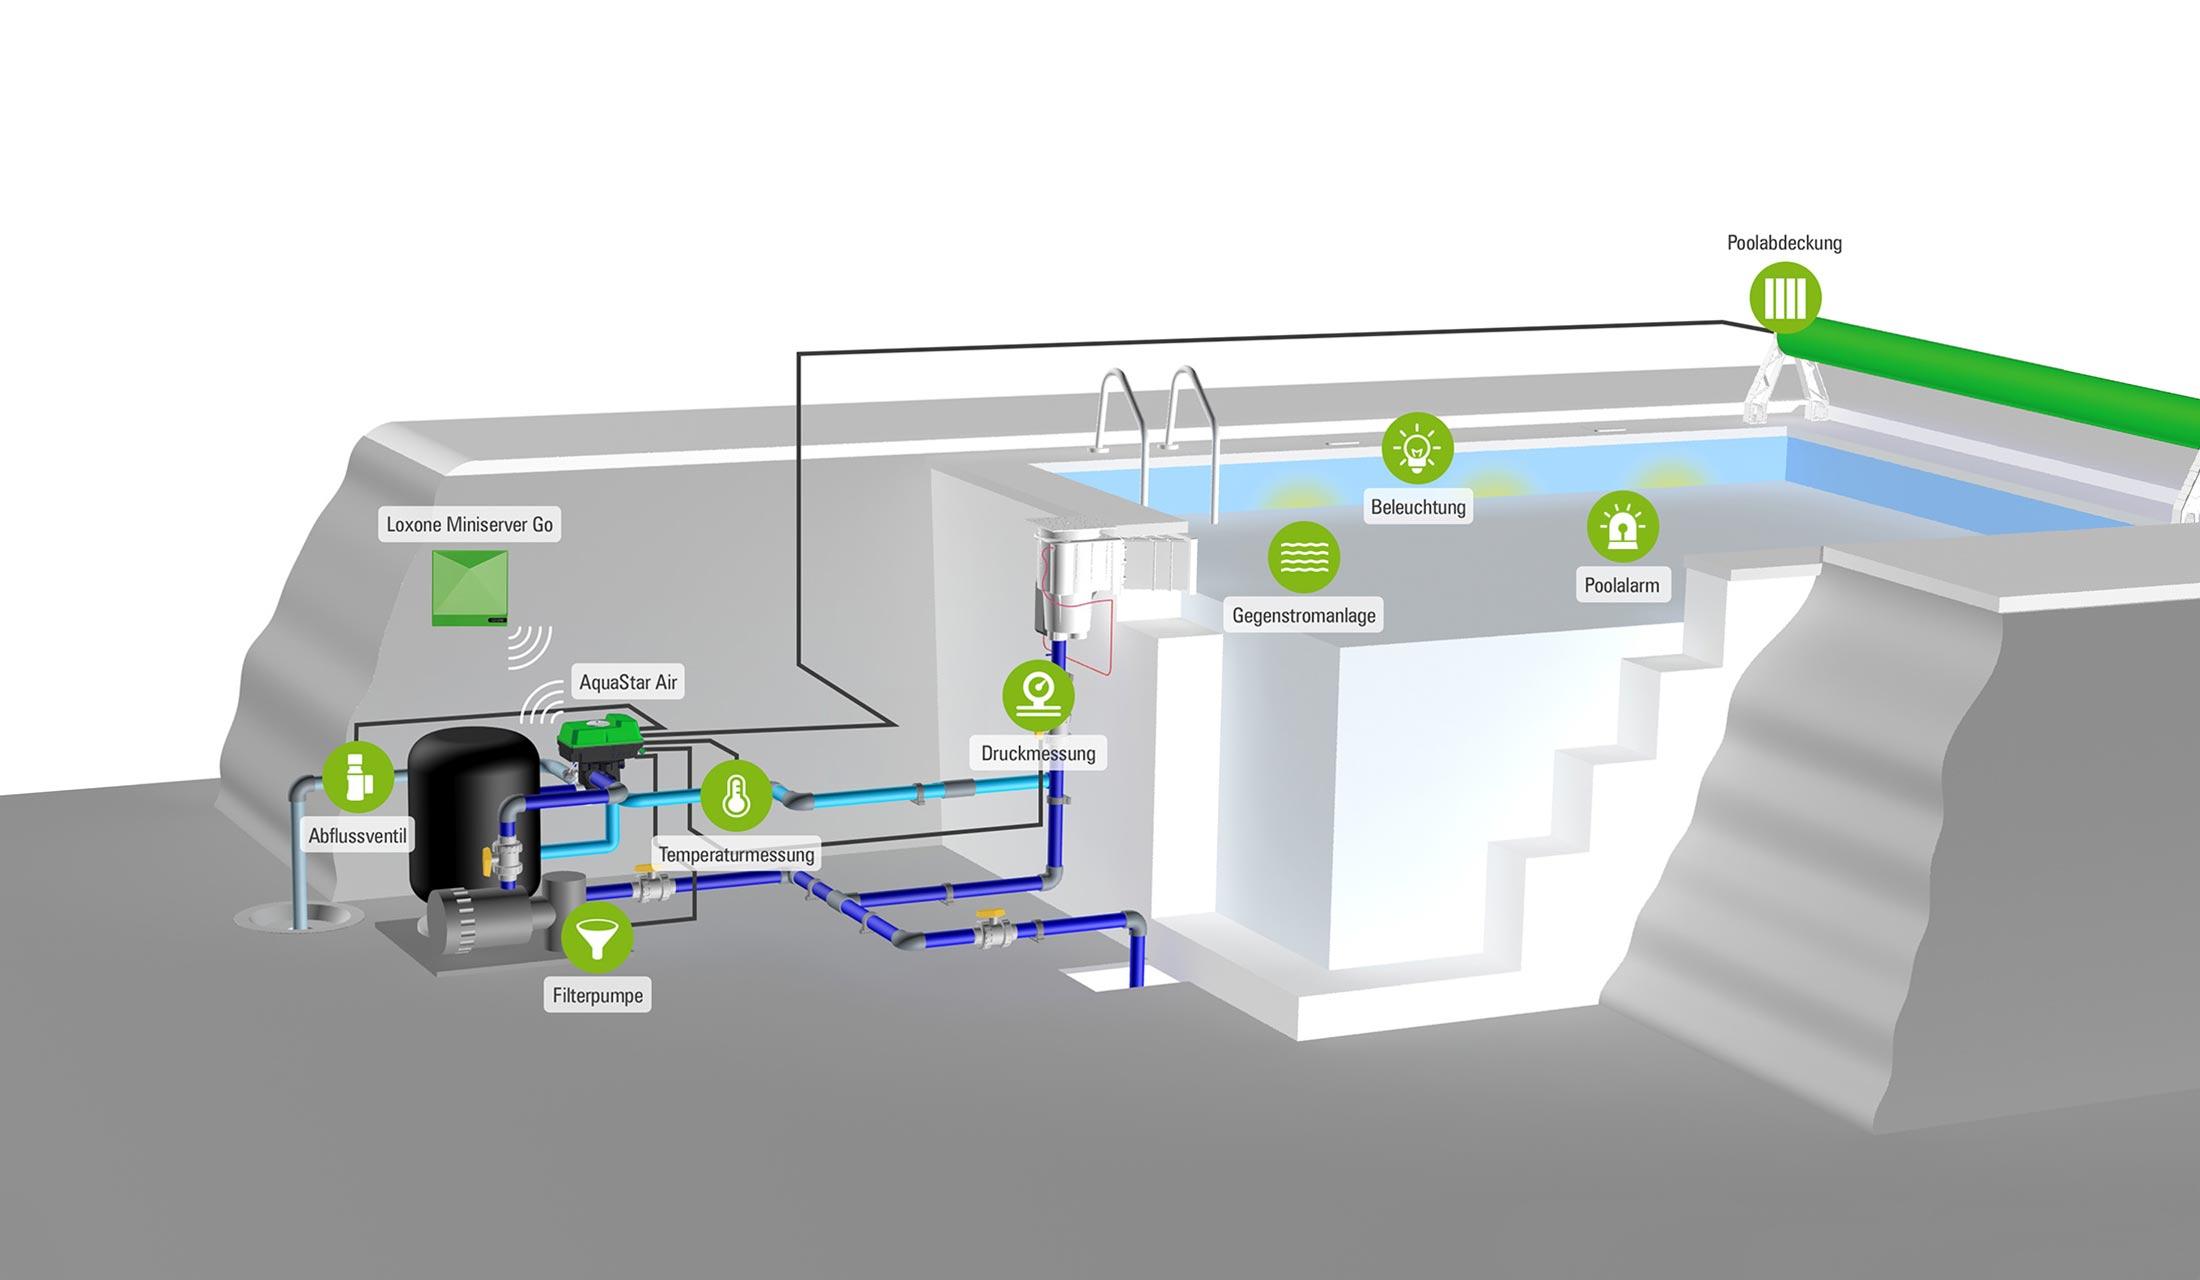 Infografika ovládání a automatizace bazénu - chytrý bazén podle Loxone